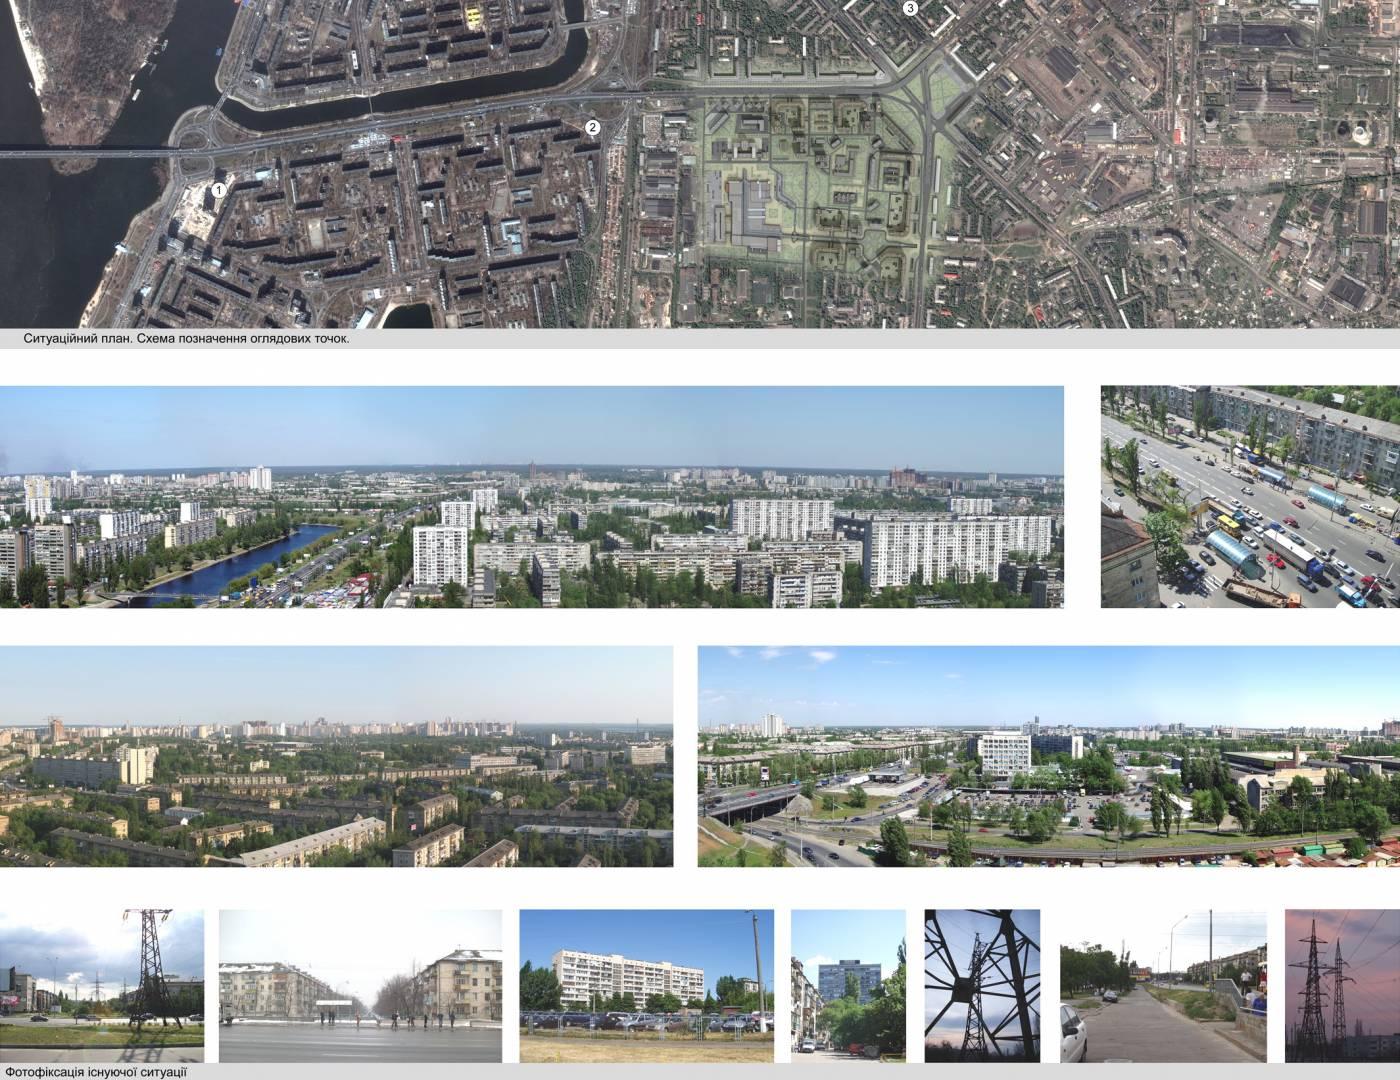 Соцгородок в Киеве. Замена кварталов устаревшего жилого фонда